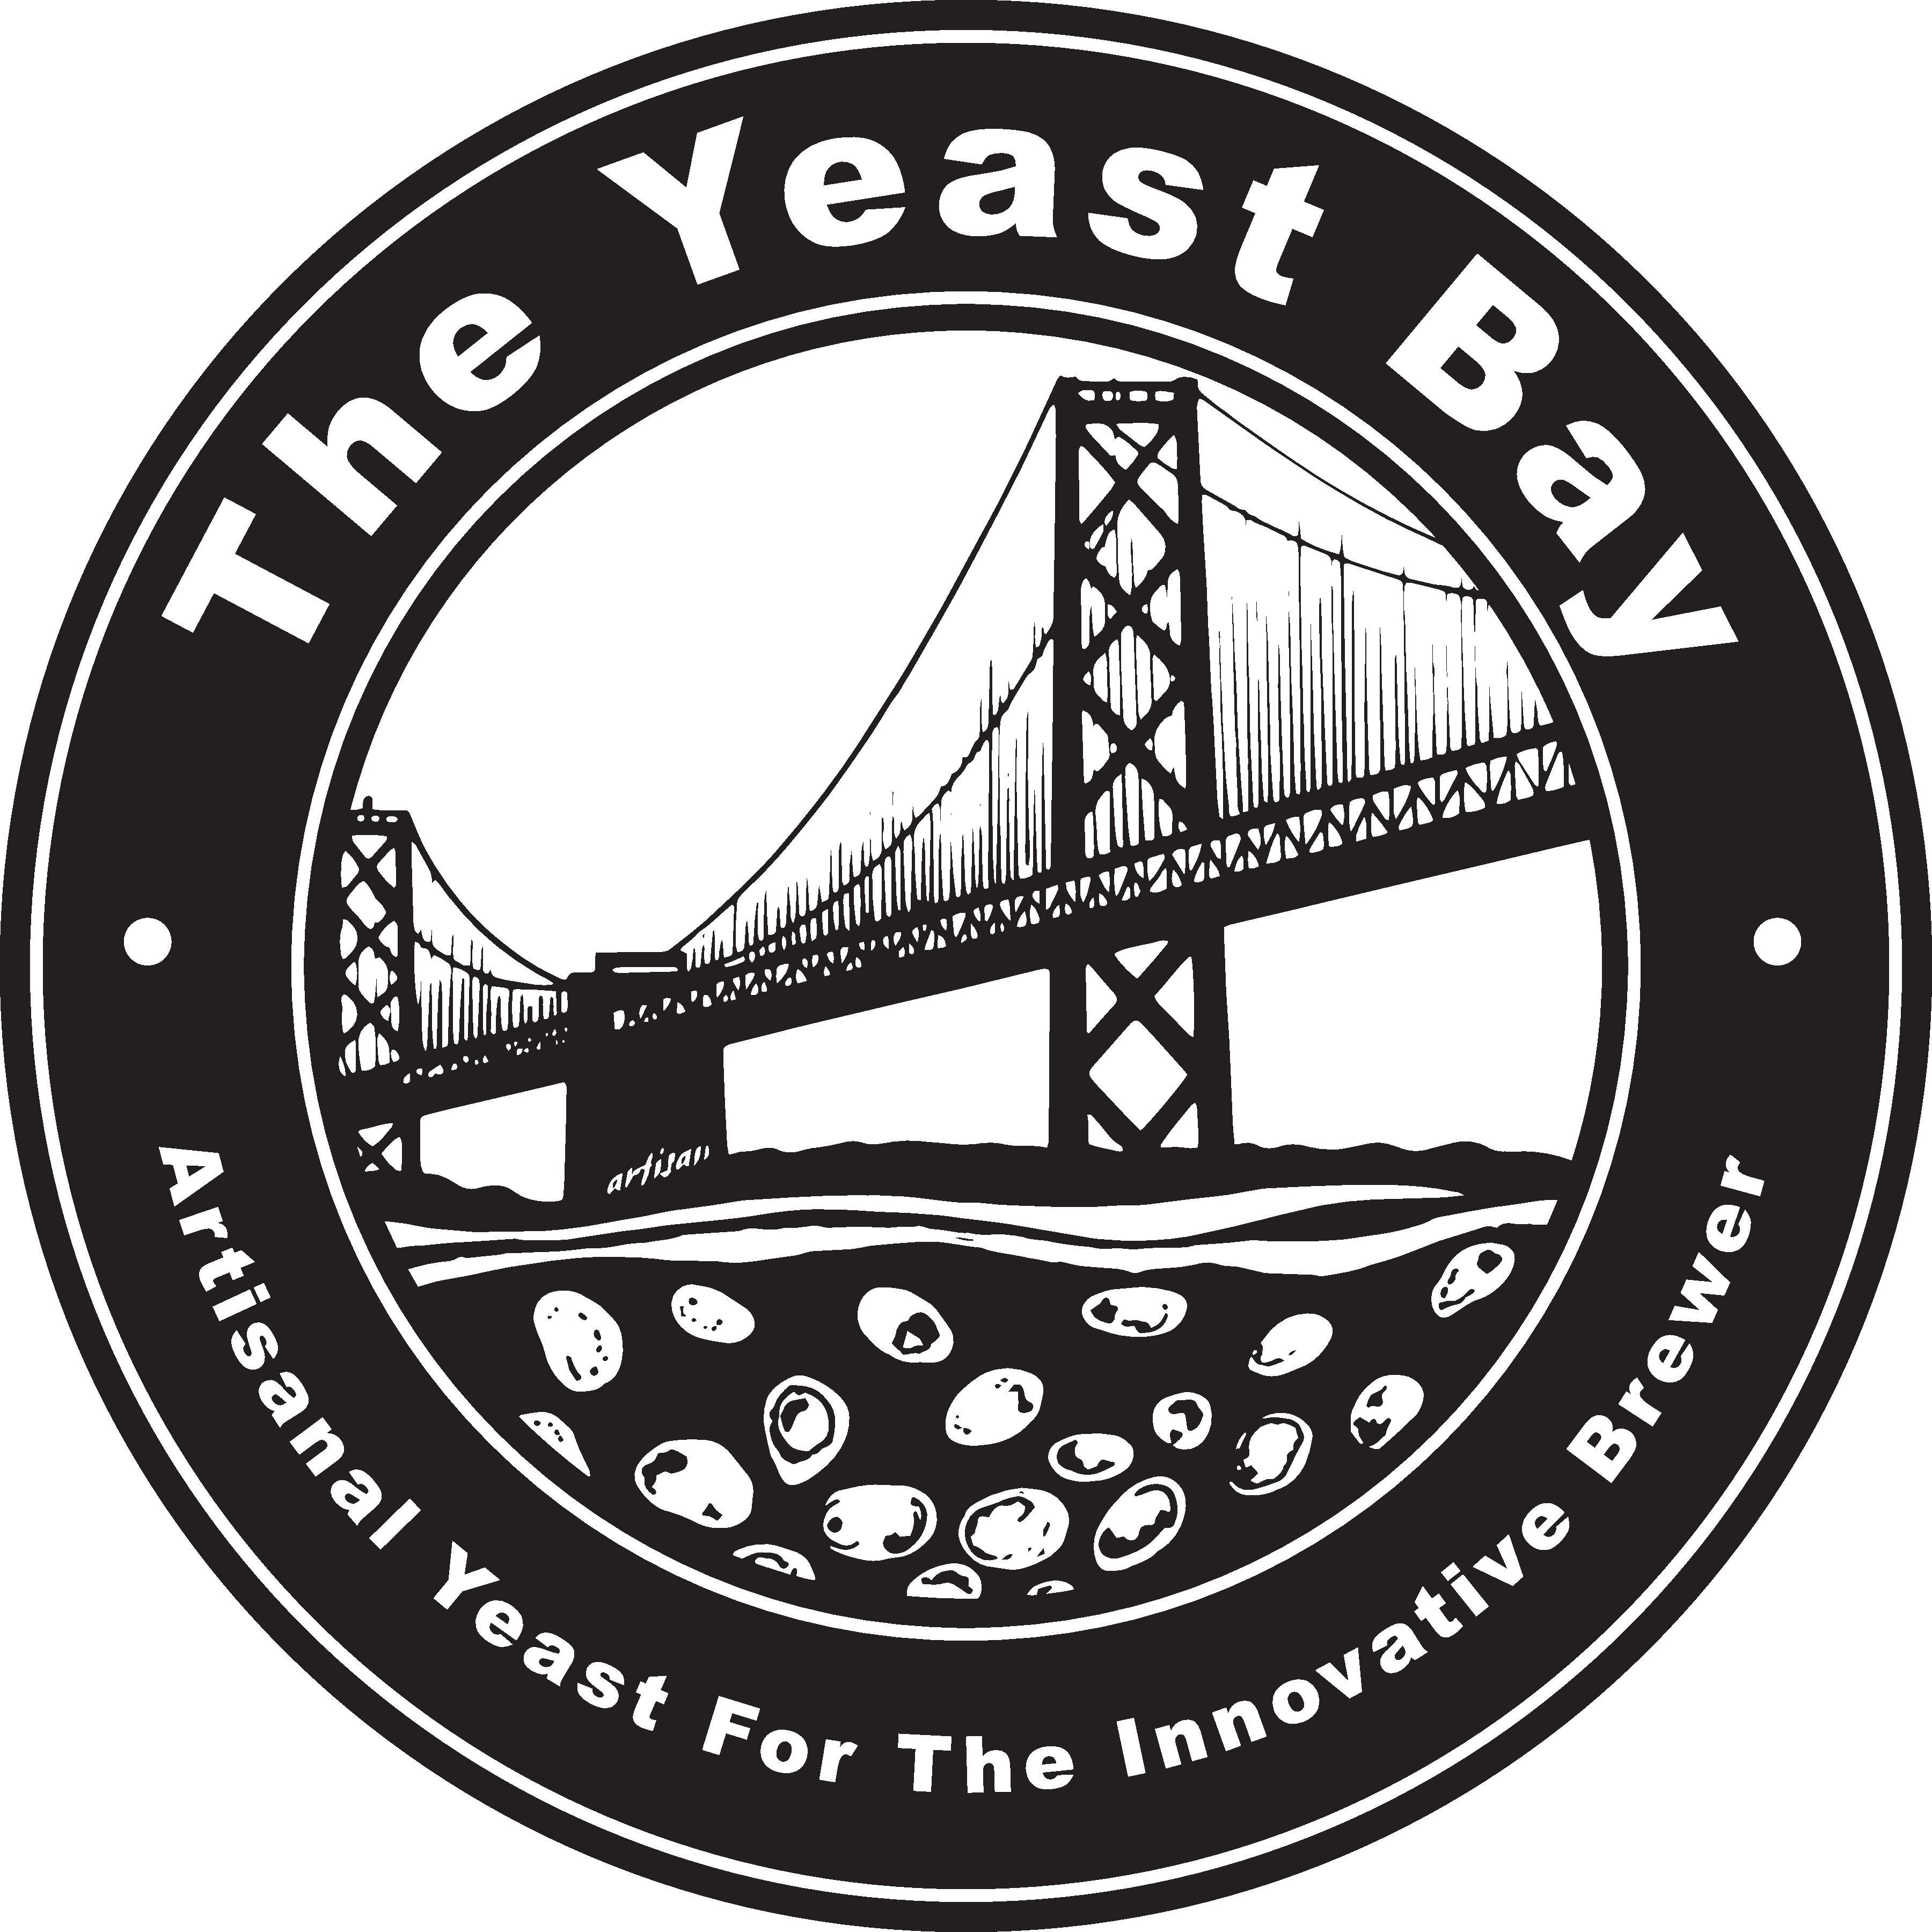 Yeast Bay